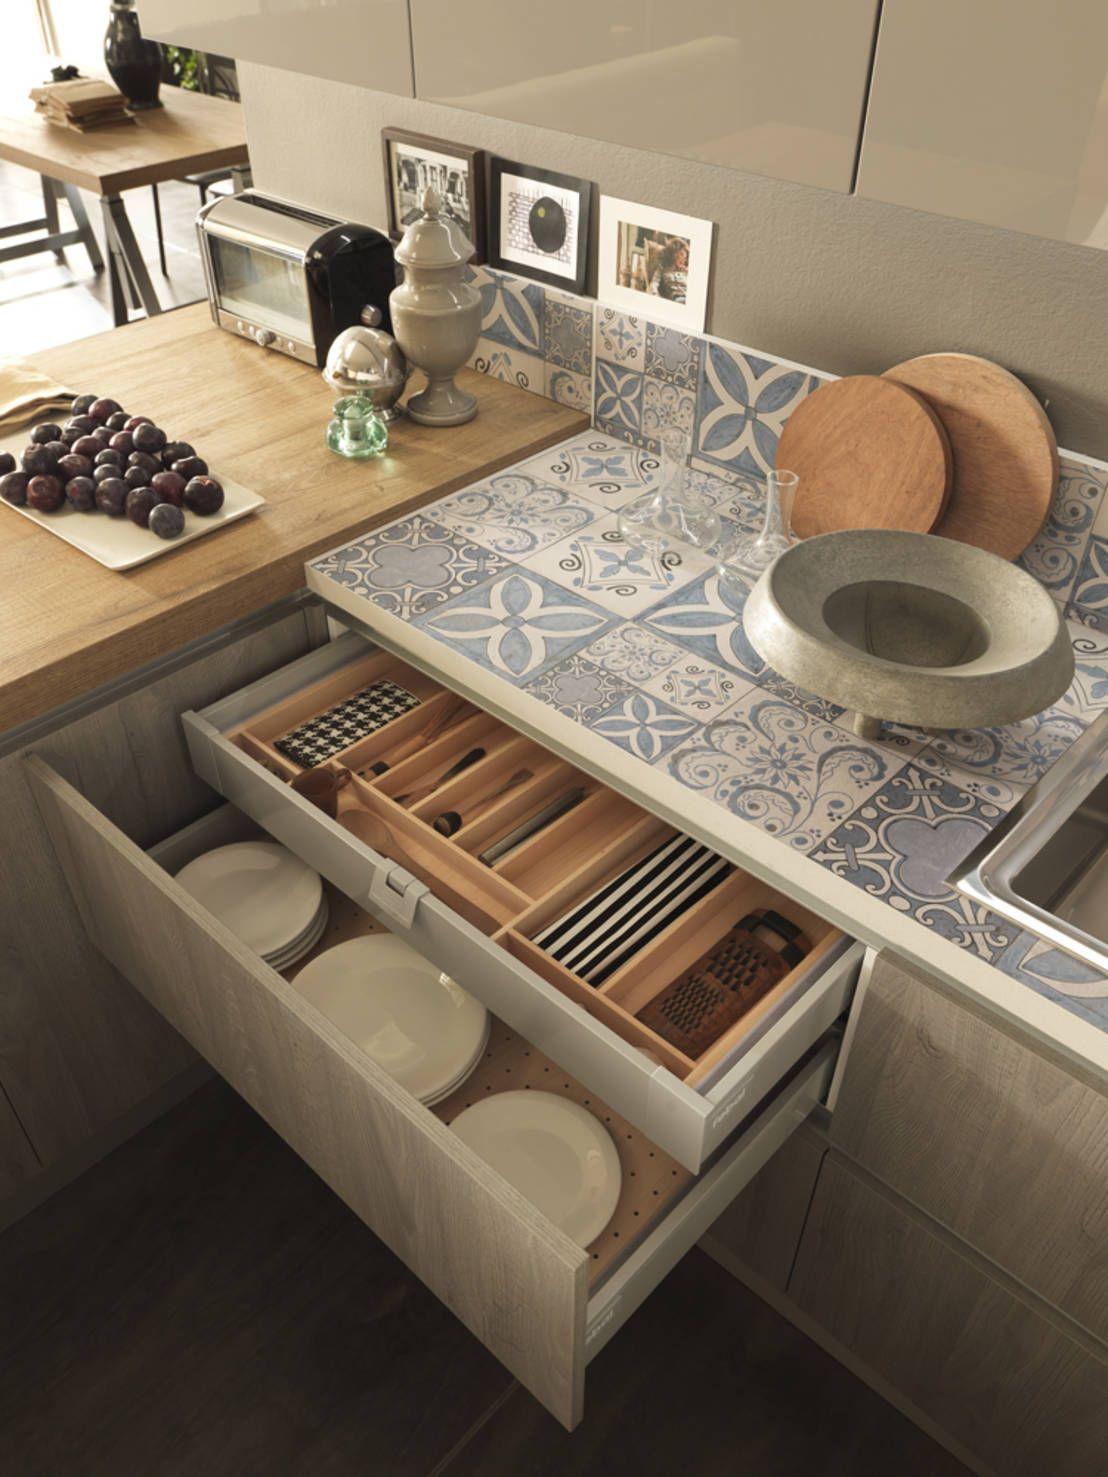 6 pasos para planificar una cocina r stica kitchens - Planificar cocina ikea ...